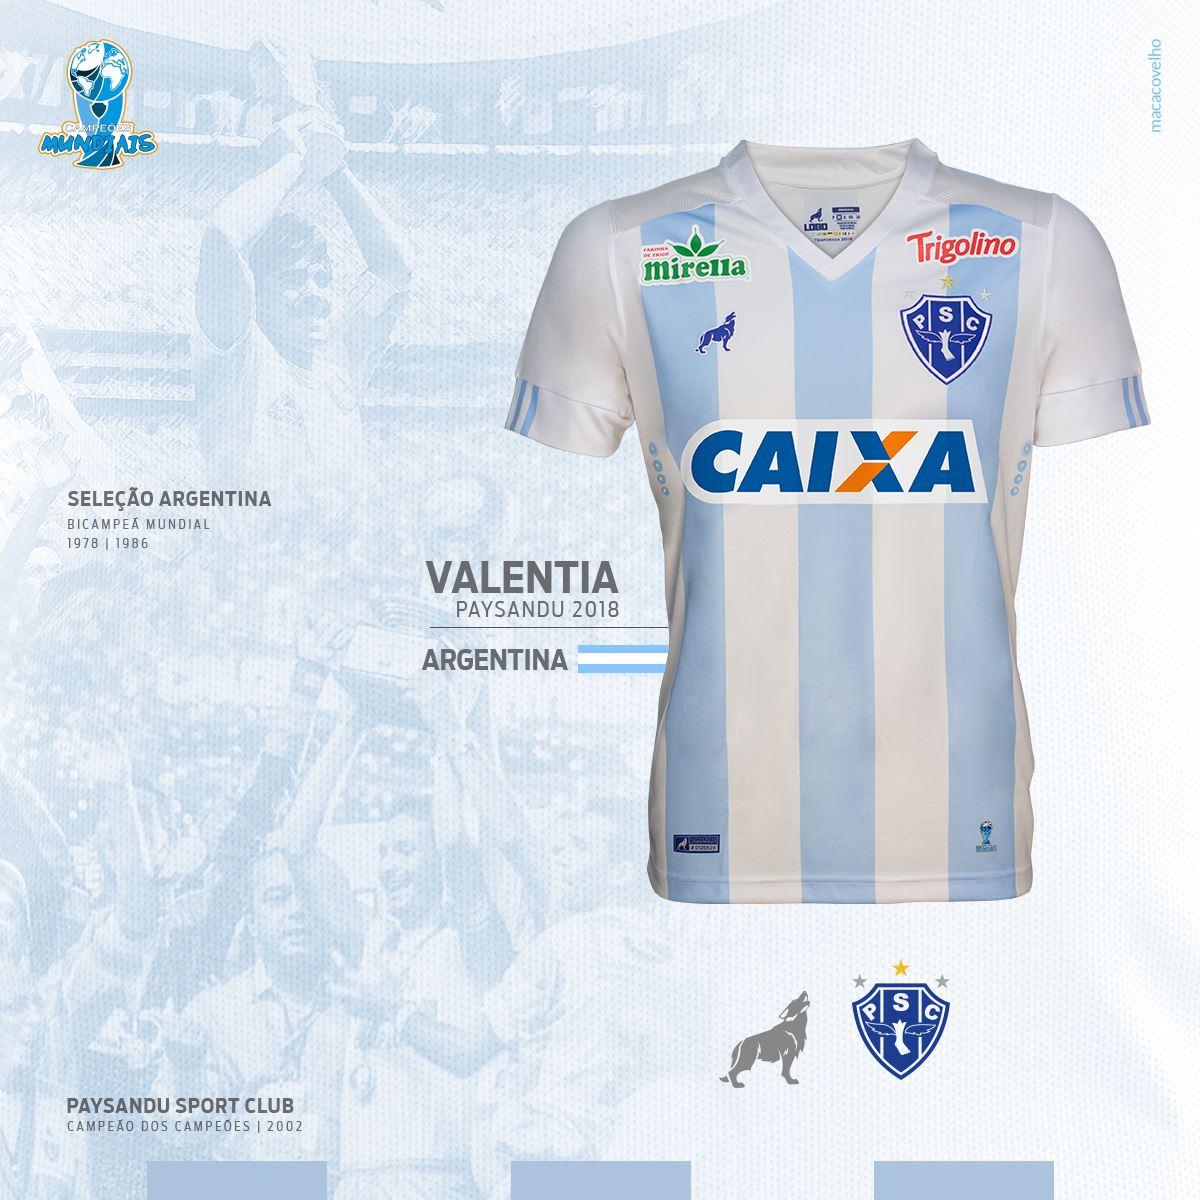 Insólito: un equipo brasileño usará una camiseta en honor a la Selección argentina